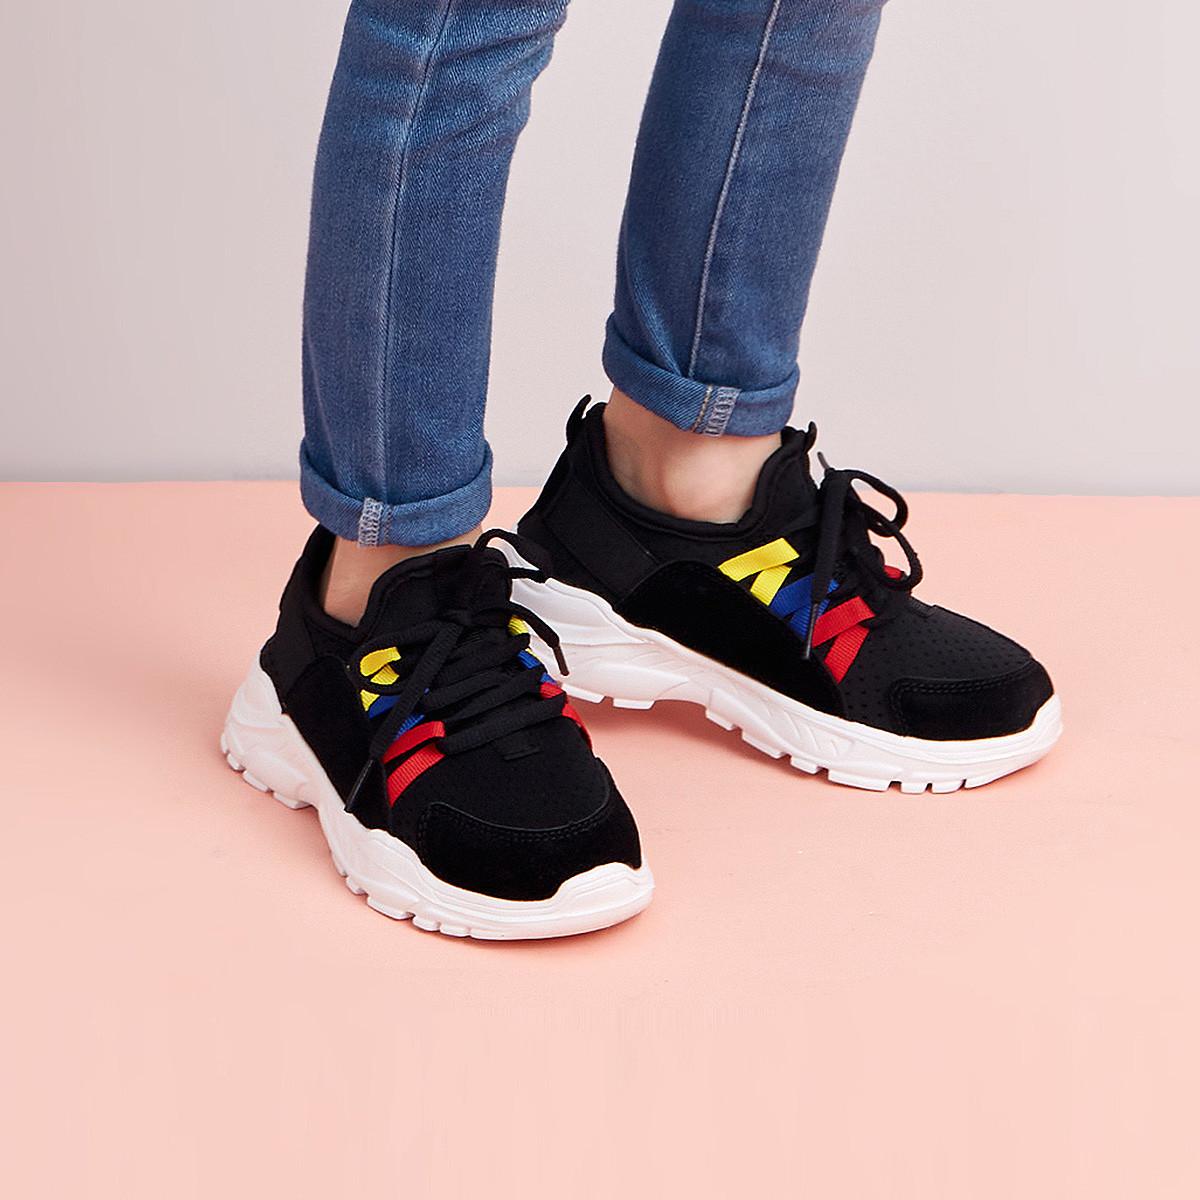 笛莎儿童运动鞋21春款女童透气轻便耐磨网眼休闲凉鞋